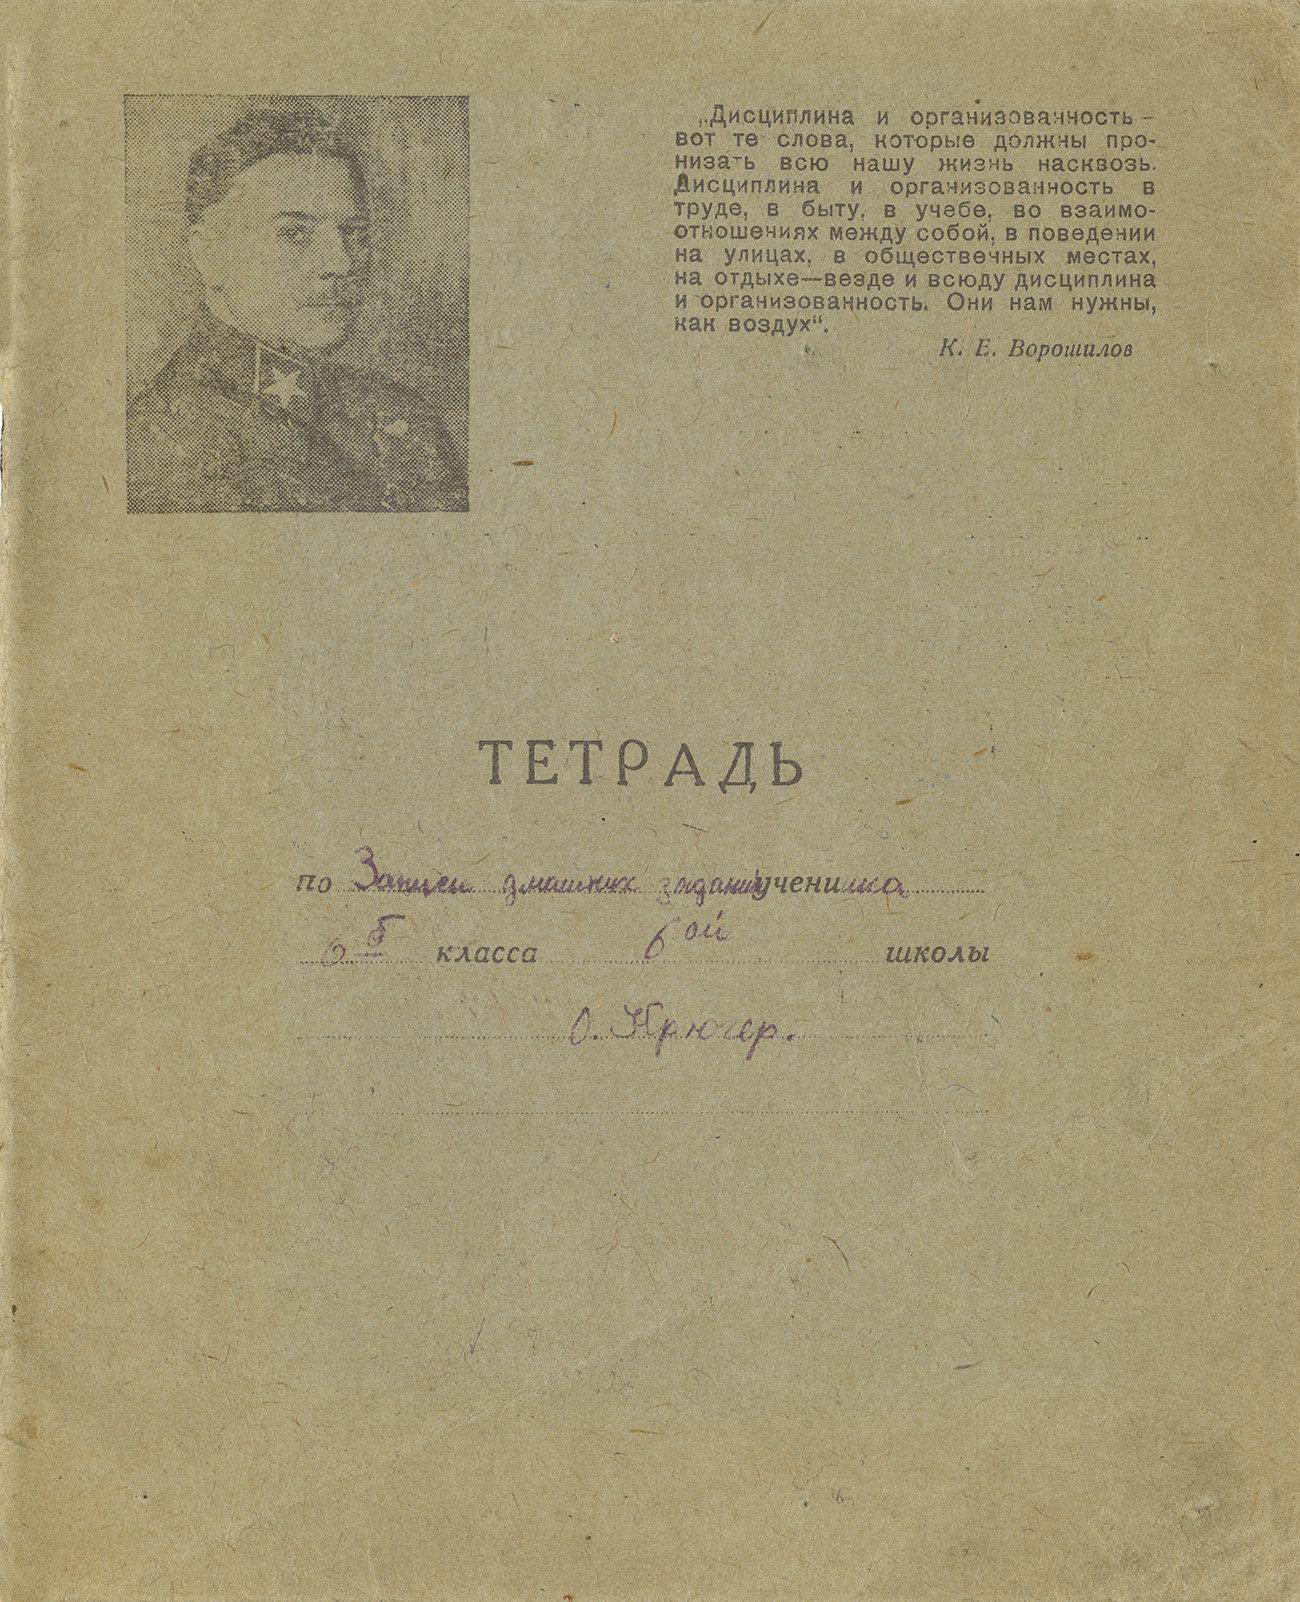 Тетрадь Ворошилов 1